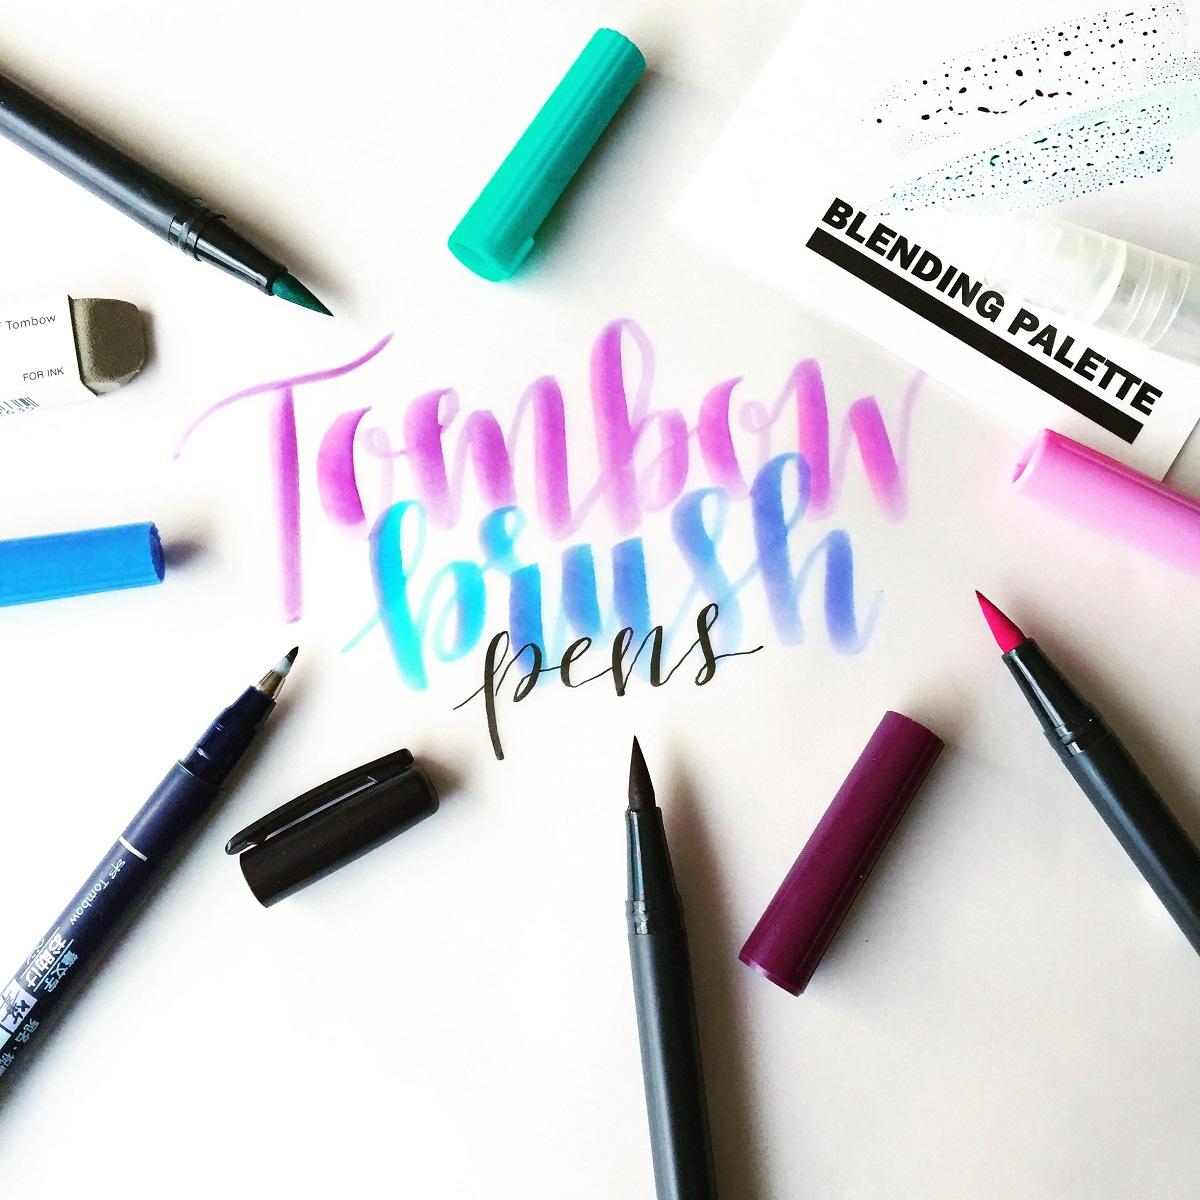 Ejemplos caligrafía con rotulador pincel Tombow